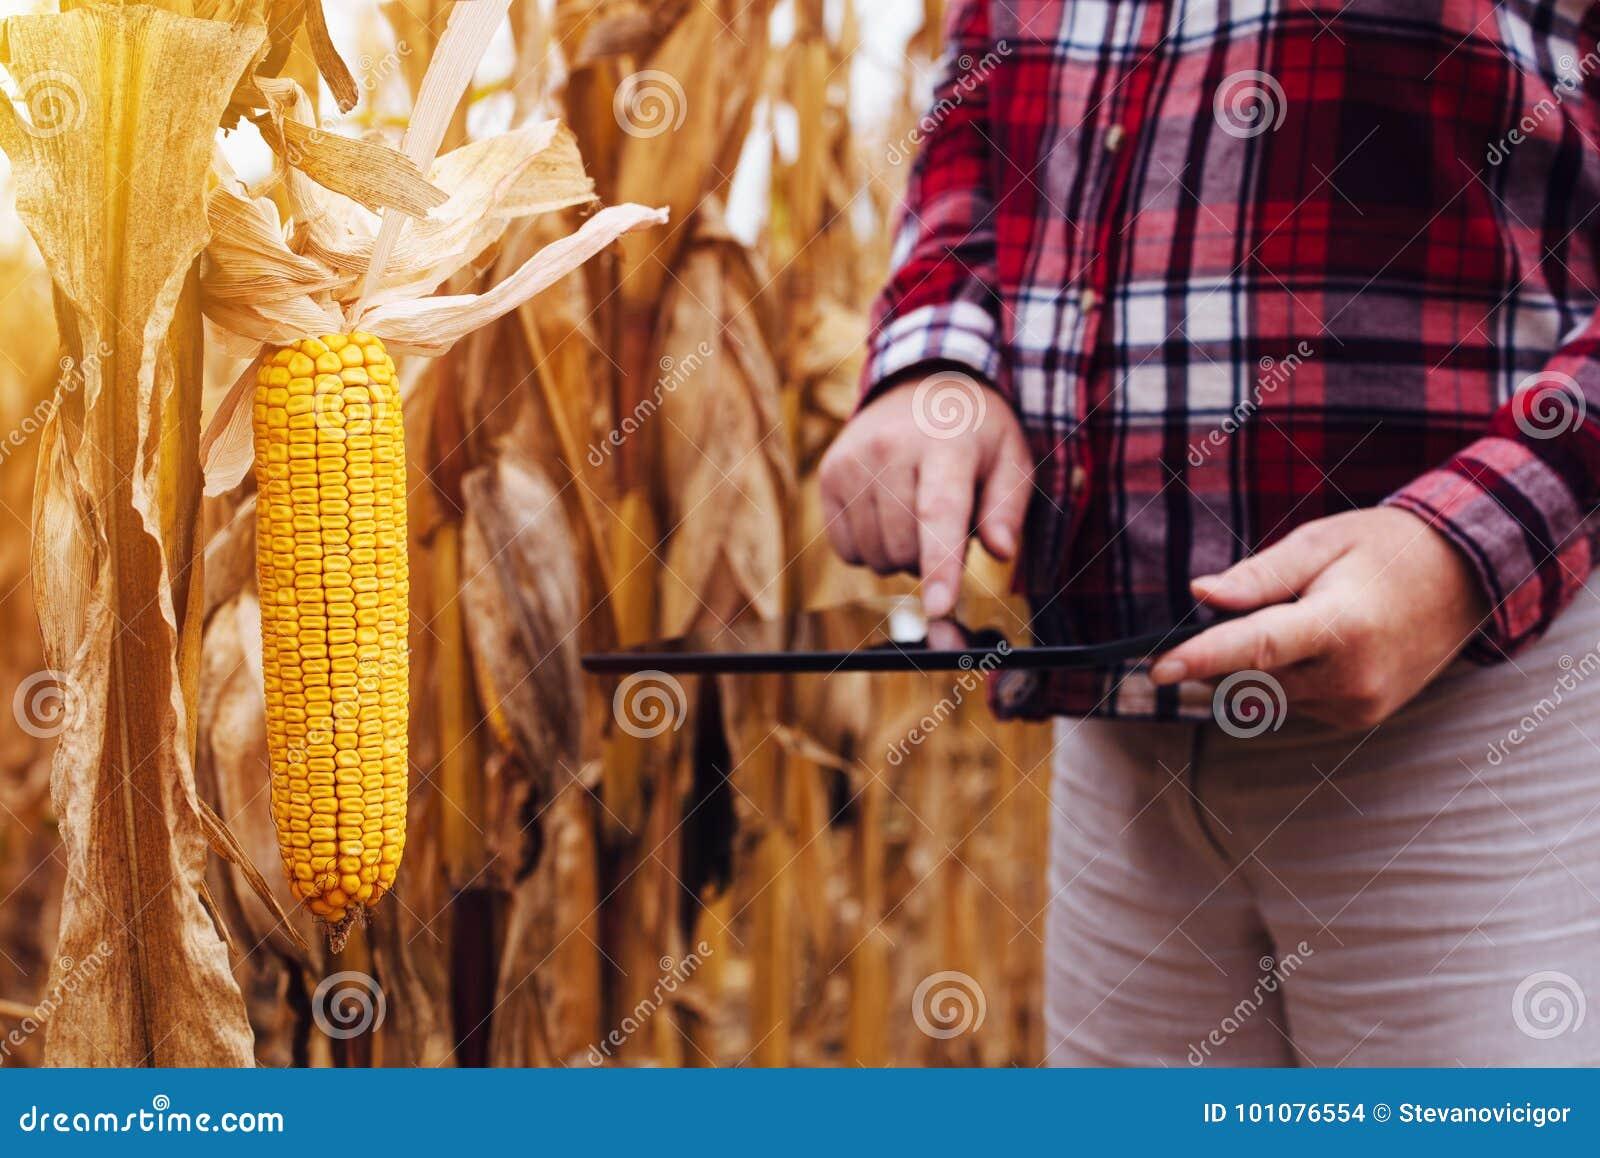 Agronome féminin analysant des cultures de maïs pour la récolte